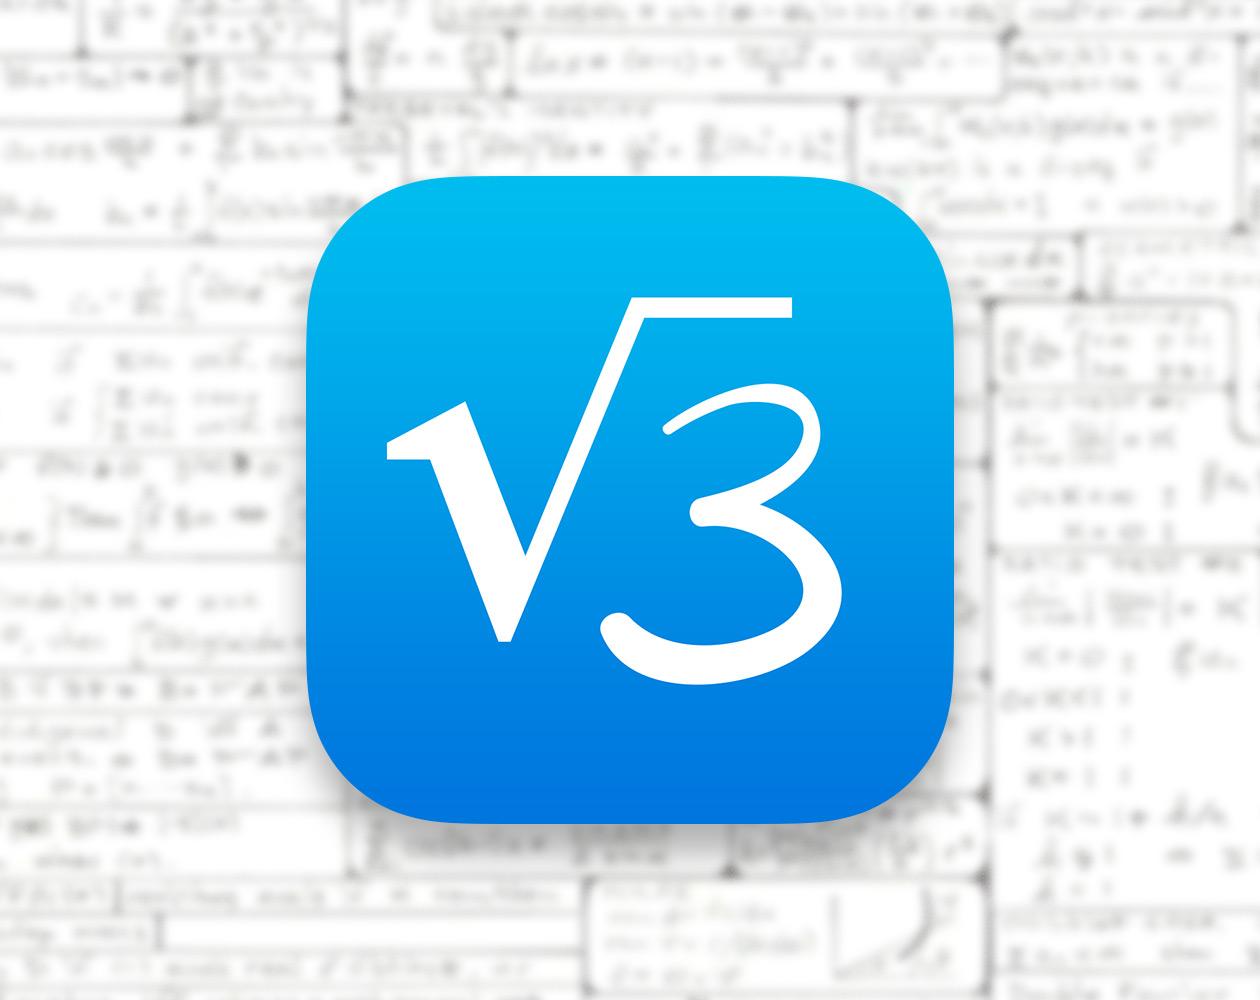 MyScript Calculator для iOS помогает производить вычисления с небывалой легкостью